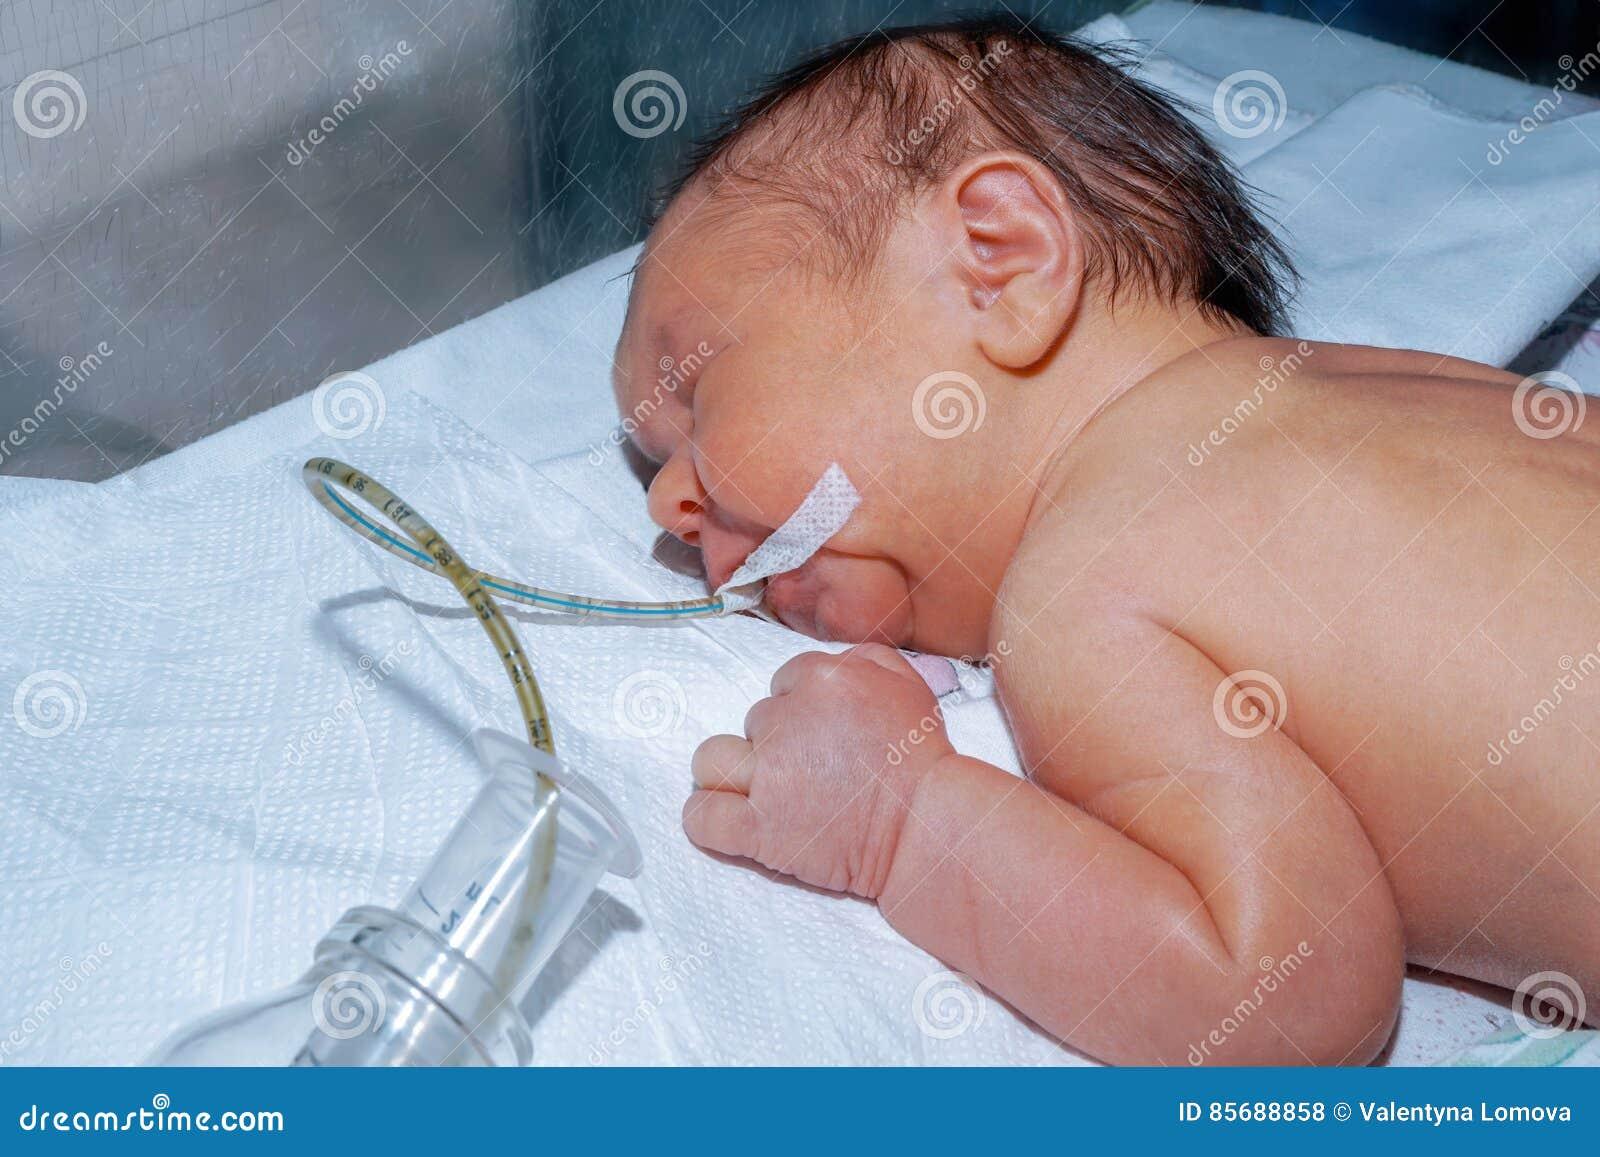 Το νεογέννητο μωρό με το neonatal ίκτερο κοιμάται μετά από τη χειρουργική επέμβαση